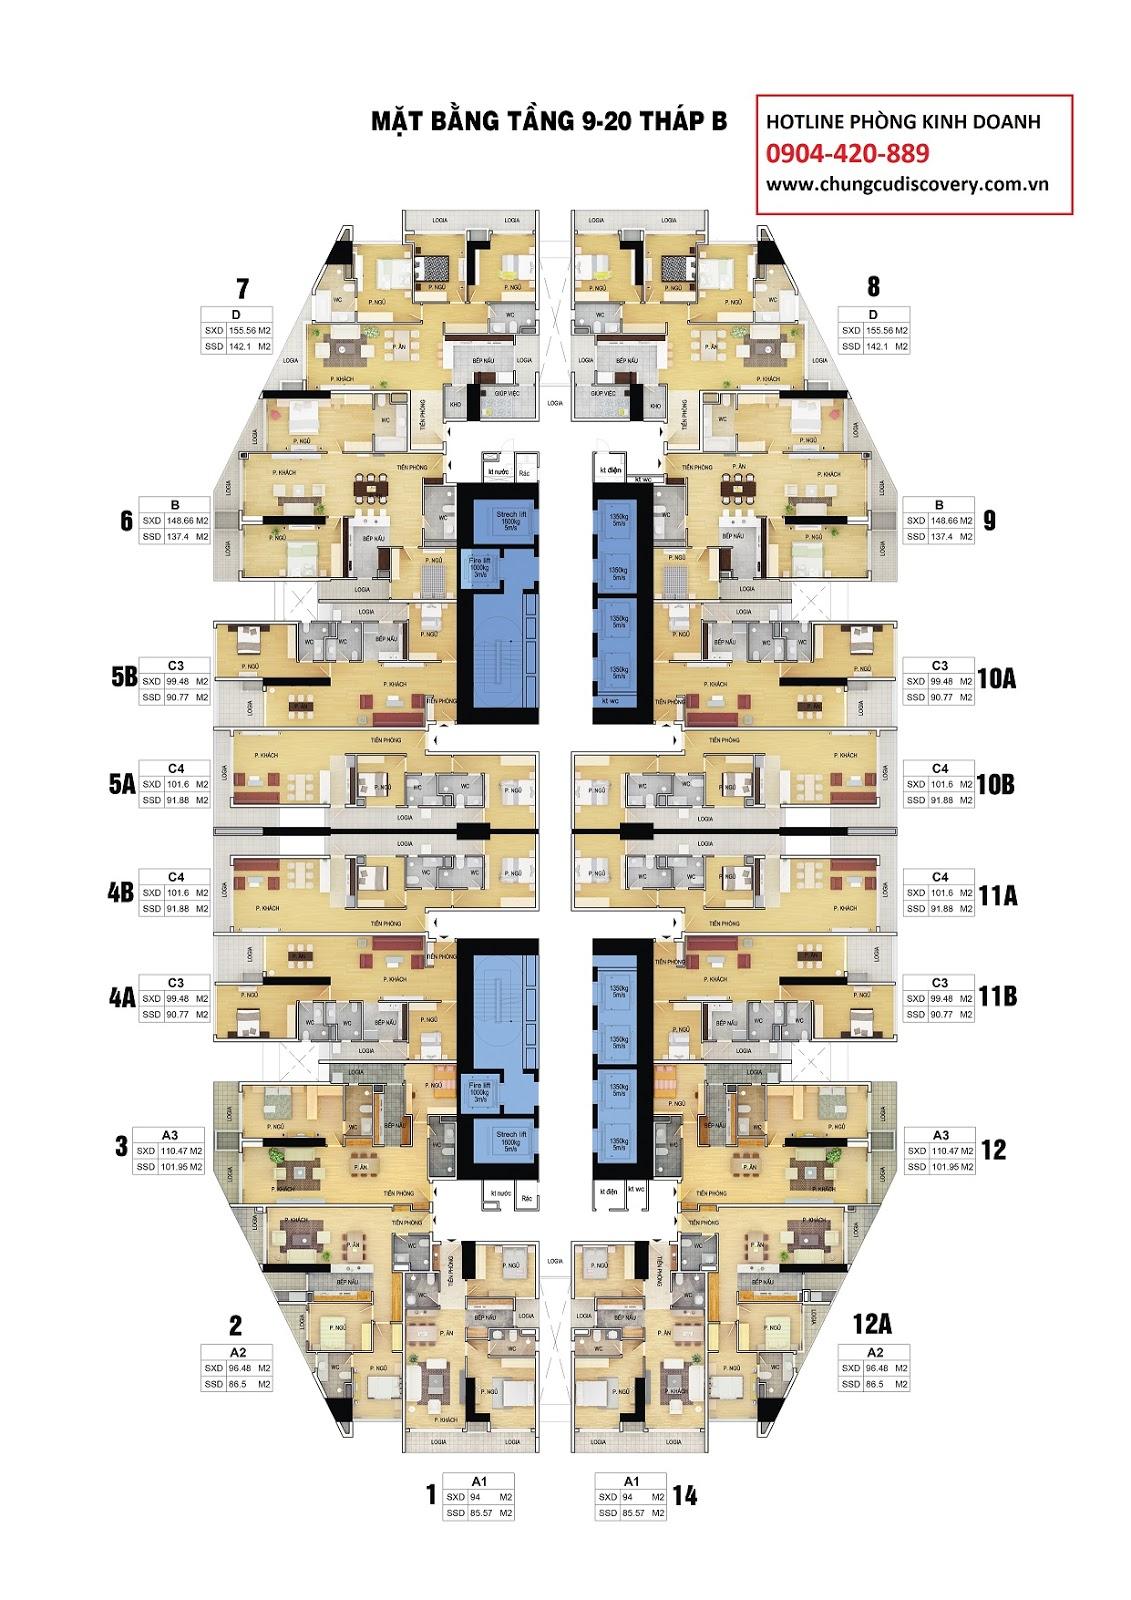 Mặt bằng căn hộ Discovery Complex 302 Cầu Giấy từ tầng 9 đến 20